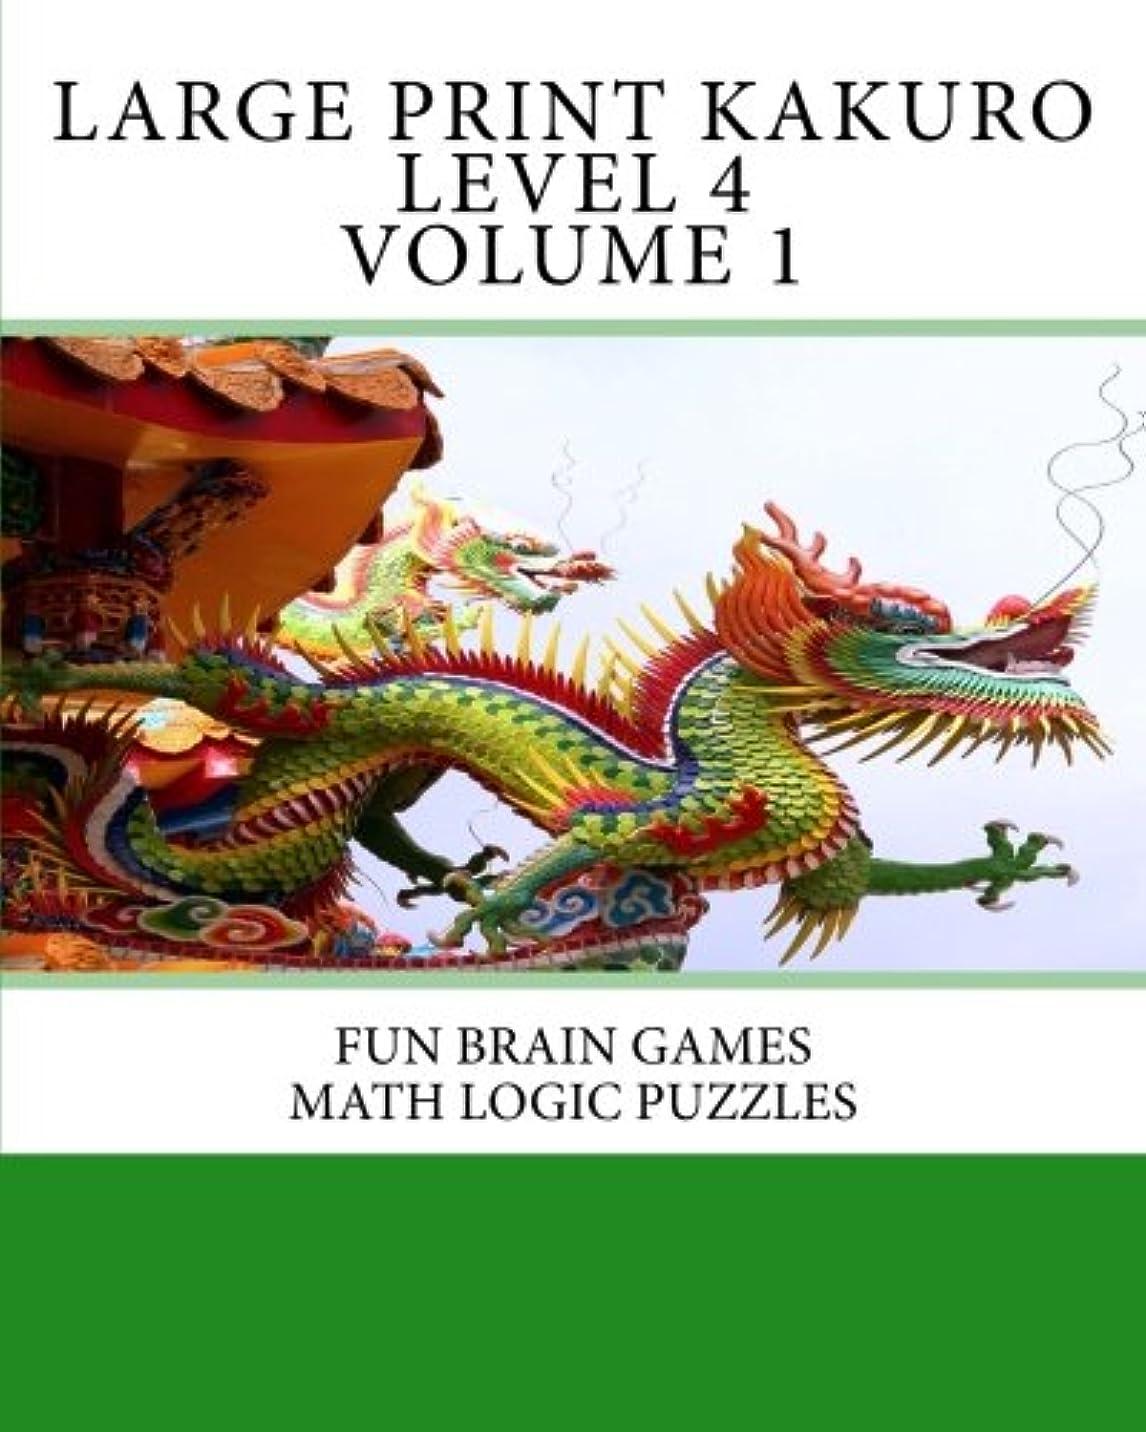 惑星歴史的スティックLarge Print Kakuro Level 4 Volume 1: Fun Brain Games Math Logic Puzzles